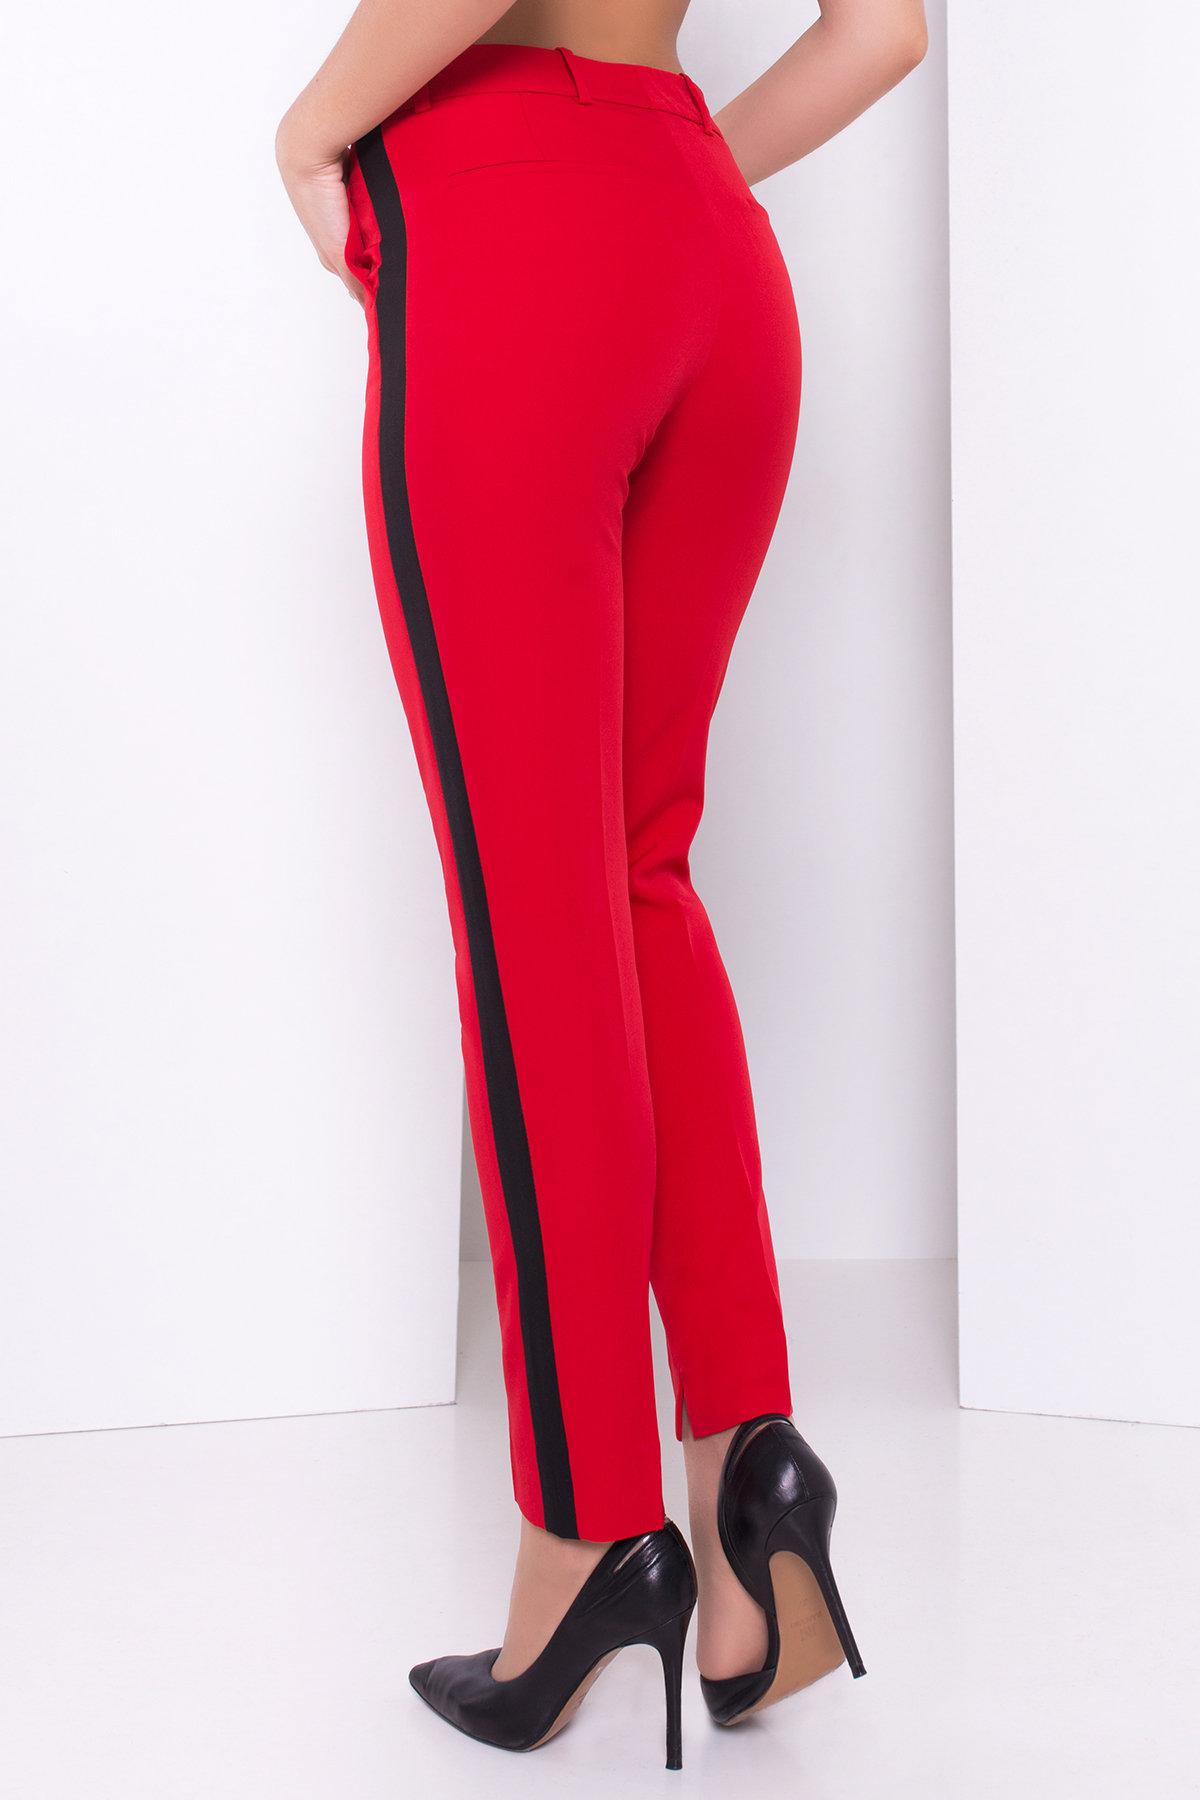 Брюки Макеба 3247 АРТ. 16723 Цвет: Красный/черный - фото 7, интернет магазин tm-modus.ru